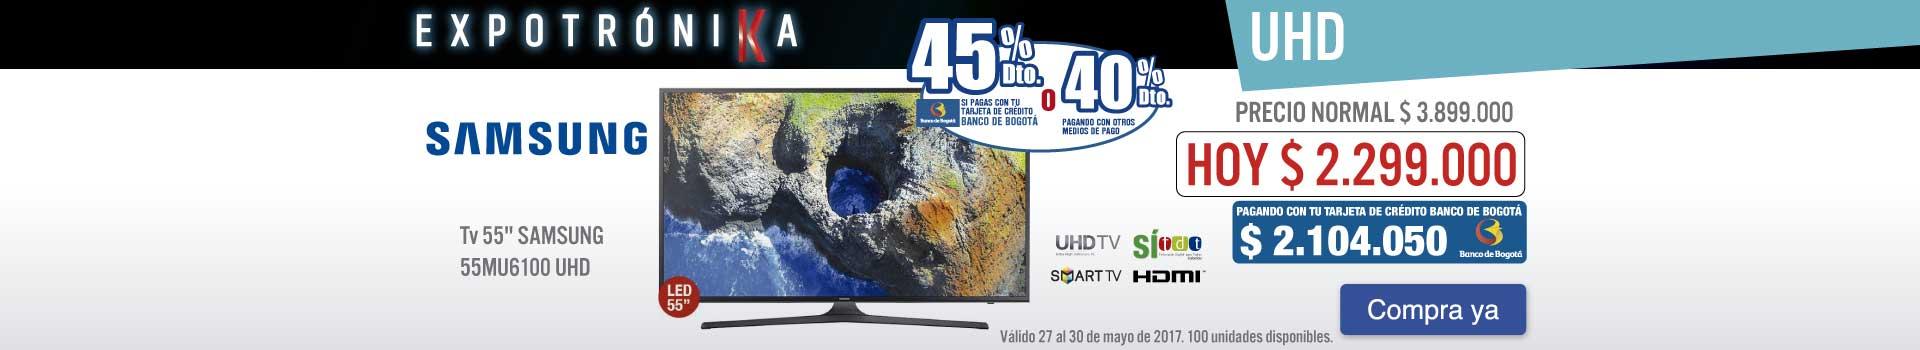 OPC KT- TV SG 55MU61 - MAYO 27